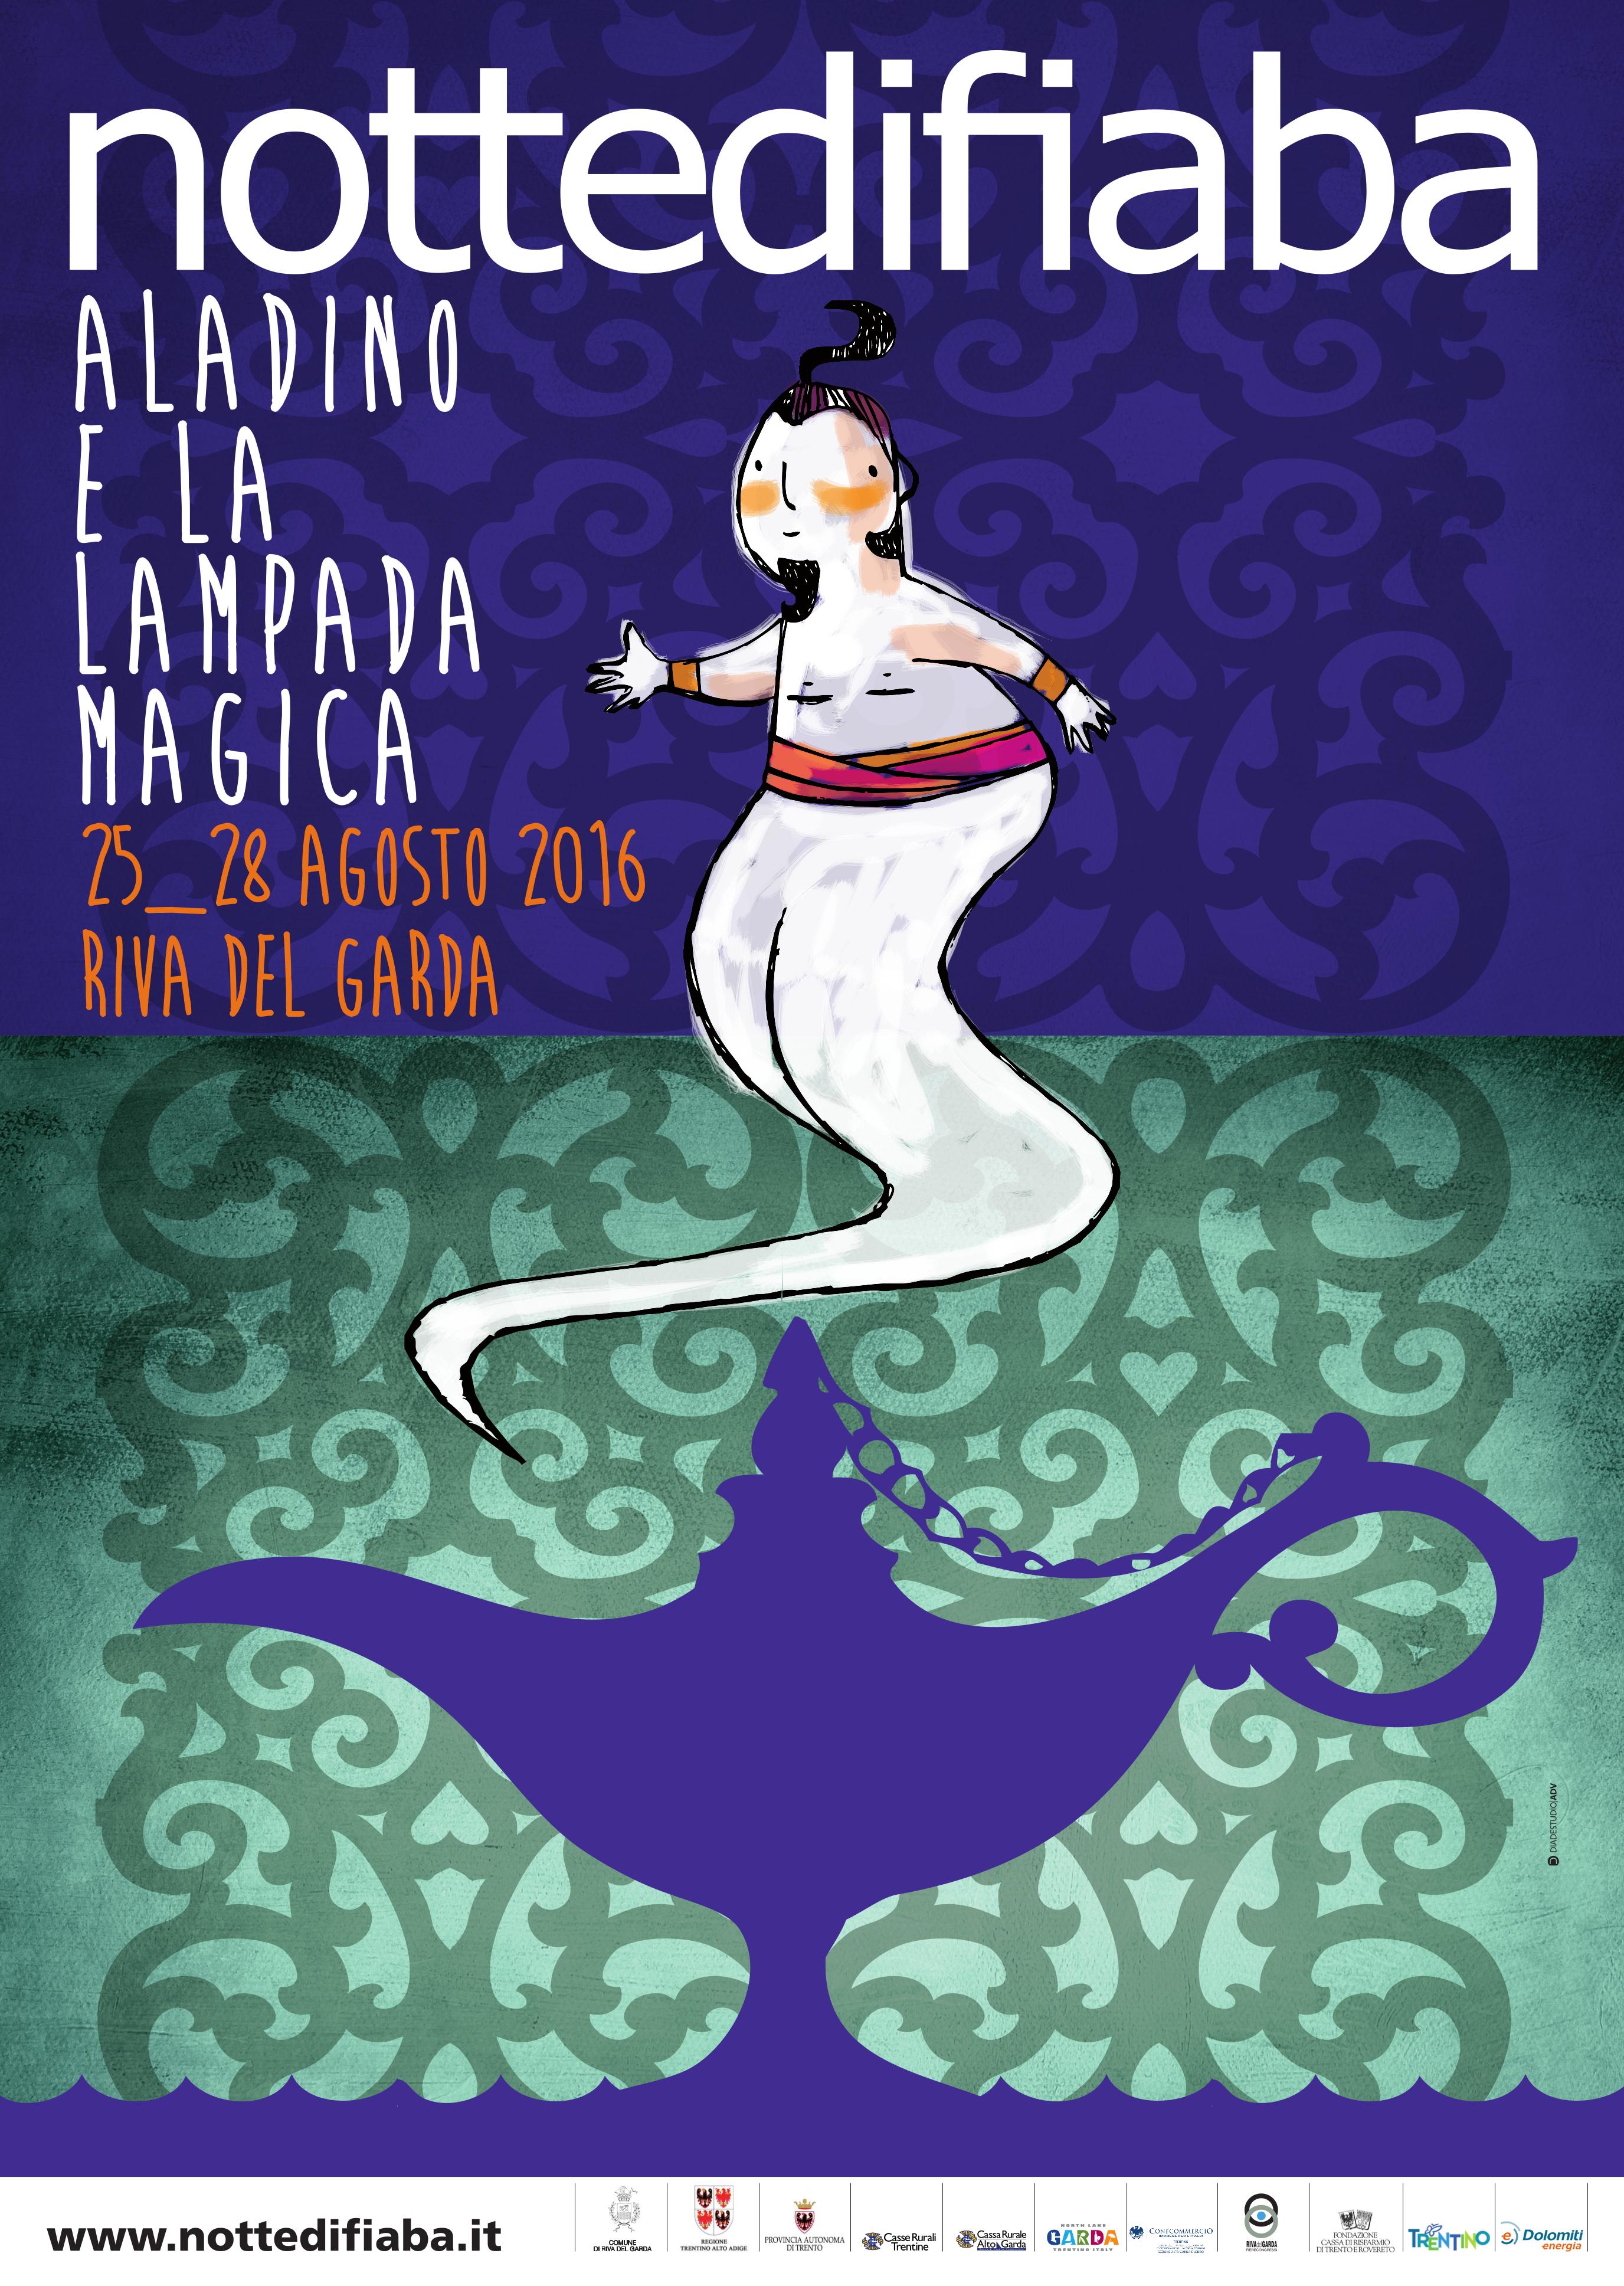 aladino e la lampada magica poster 2016 notte di fiaba